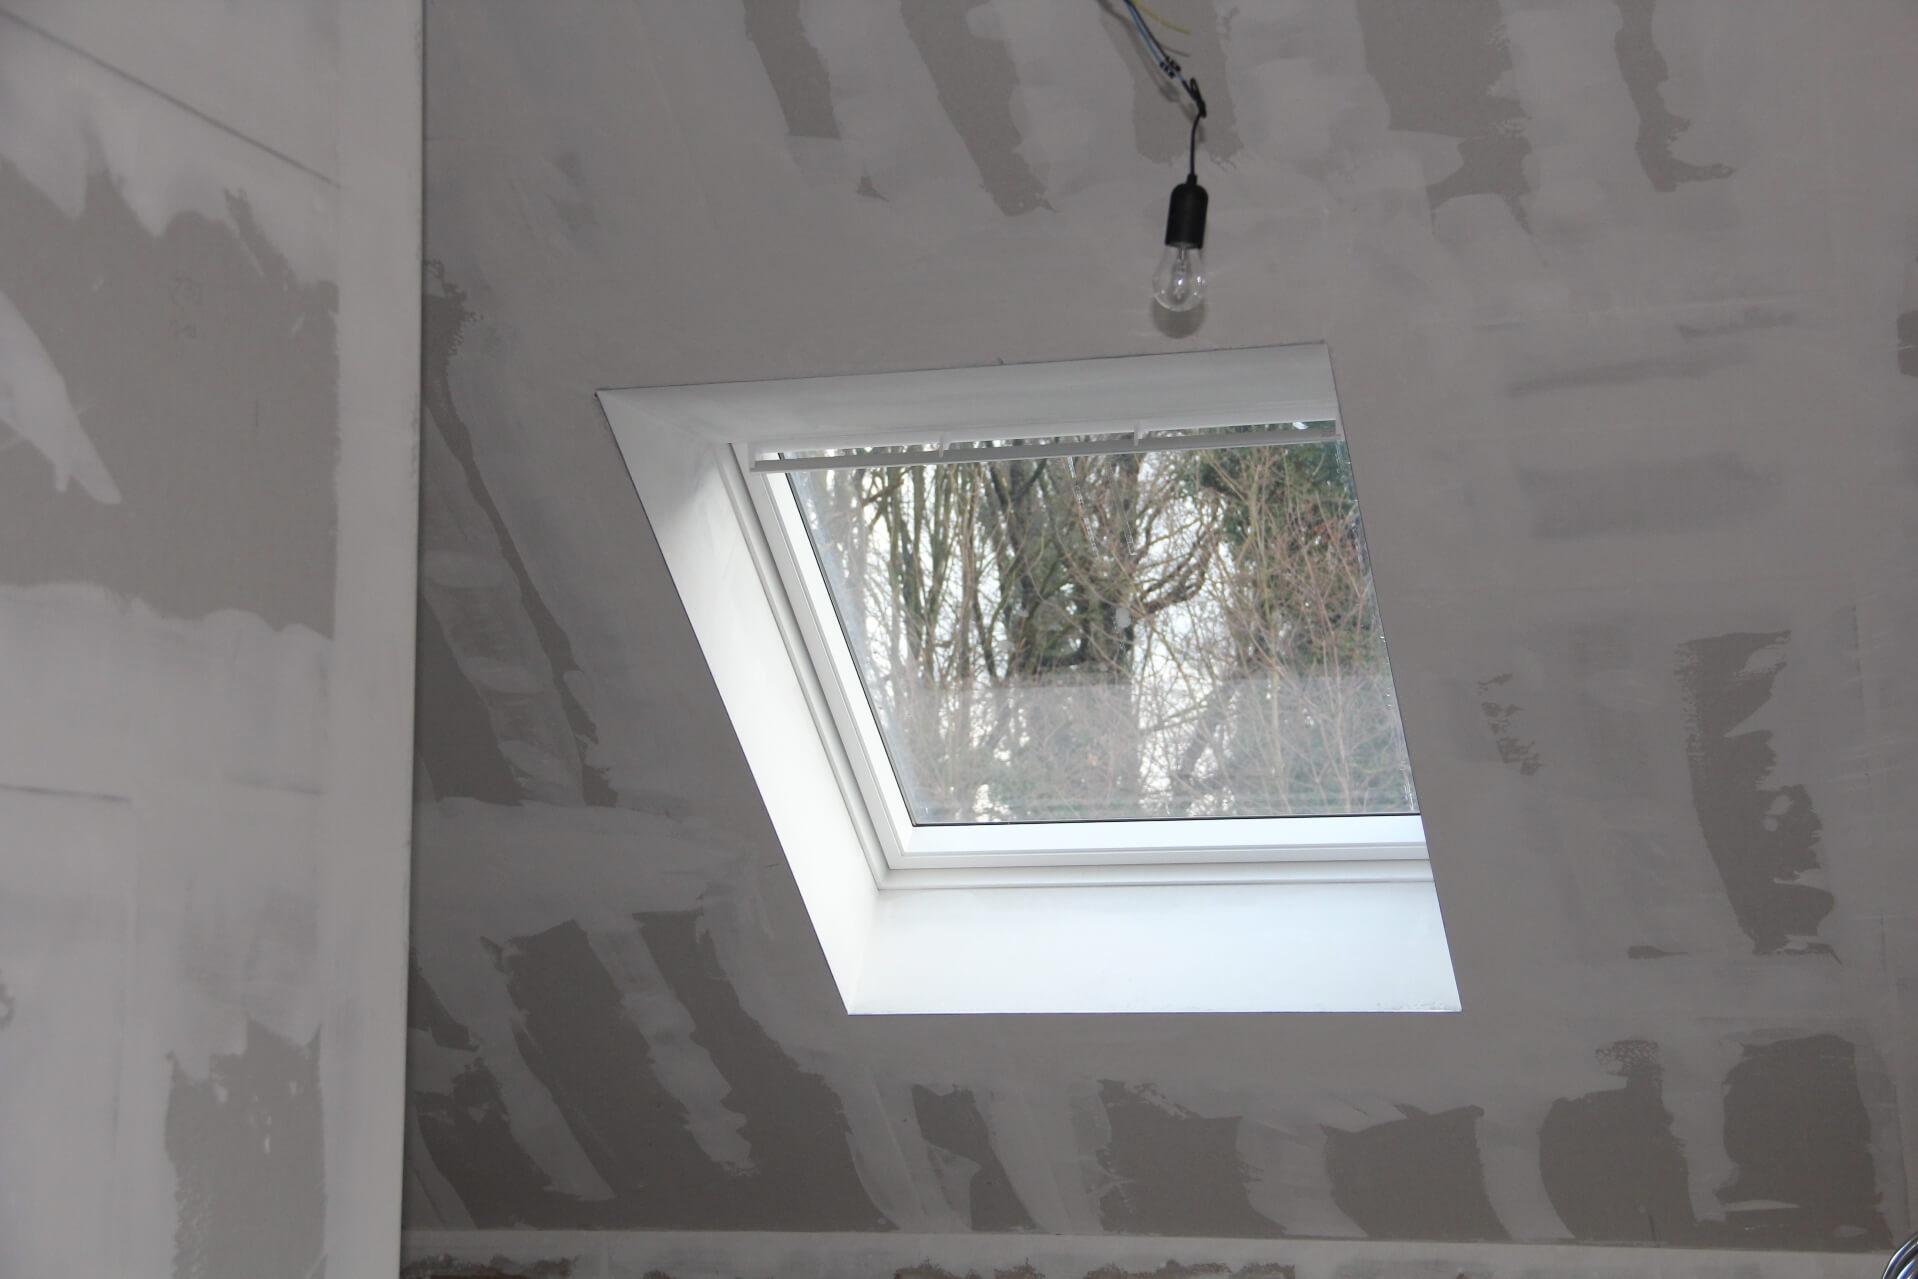 Dachbodenausbau mit Fenster NRW